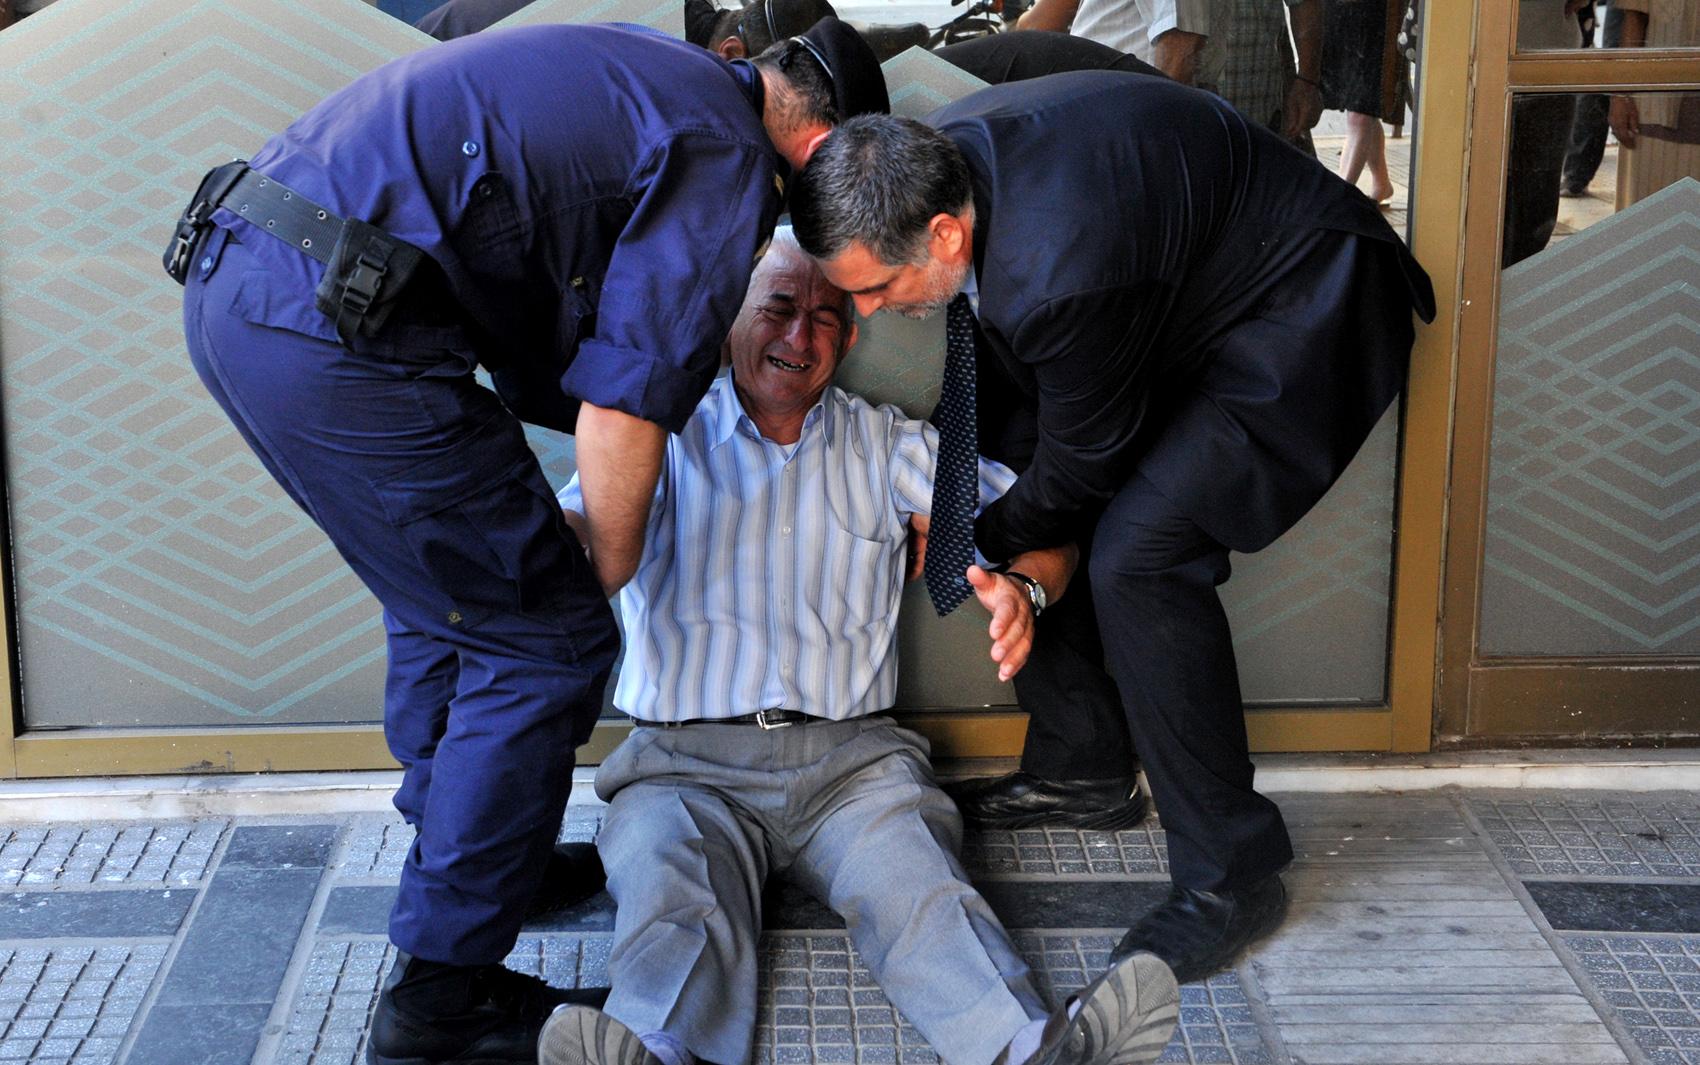 Idoso chora e é amparado em frente a agência bancária em Thessaloniki; saques foram limitados pelo governo e cartão de débito não é comum entre aposentados